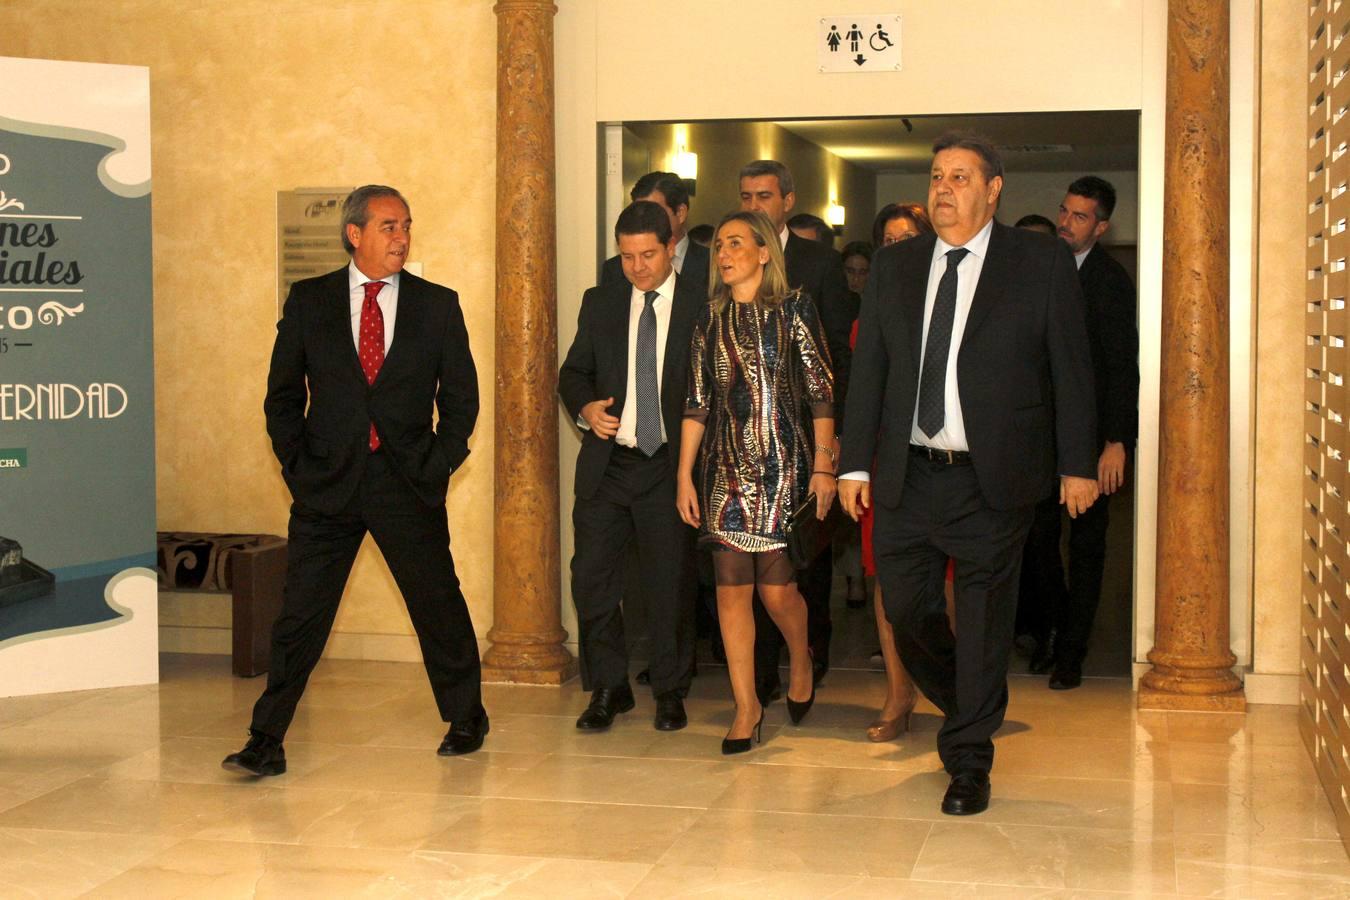 El presidente de Castilla-La Mancha, Emiliano García-Page, y la alcaldesa, Milagros Tolón, asistieron a la entrega de premios